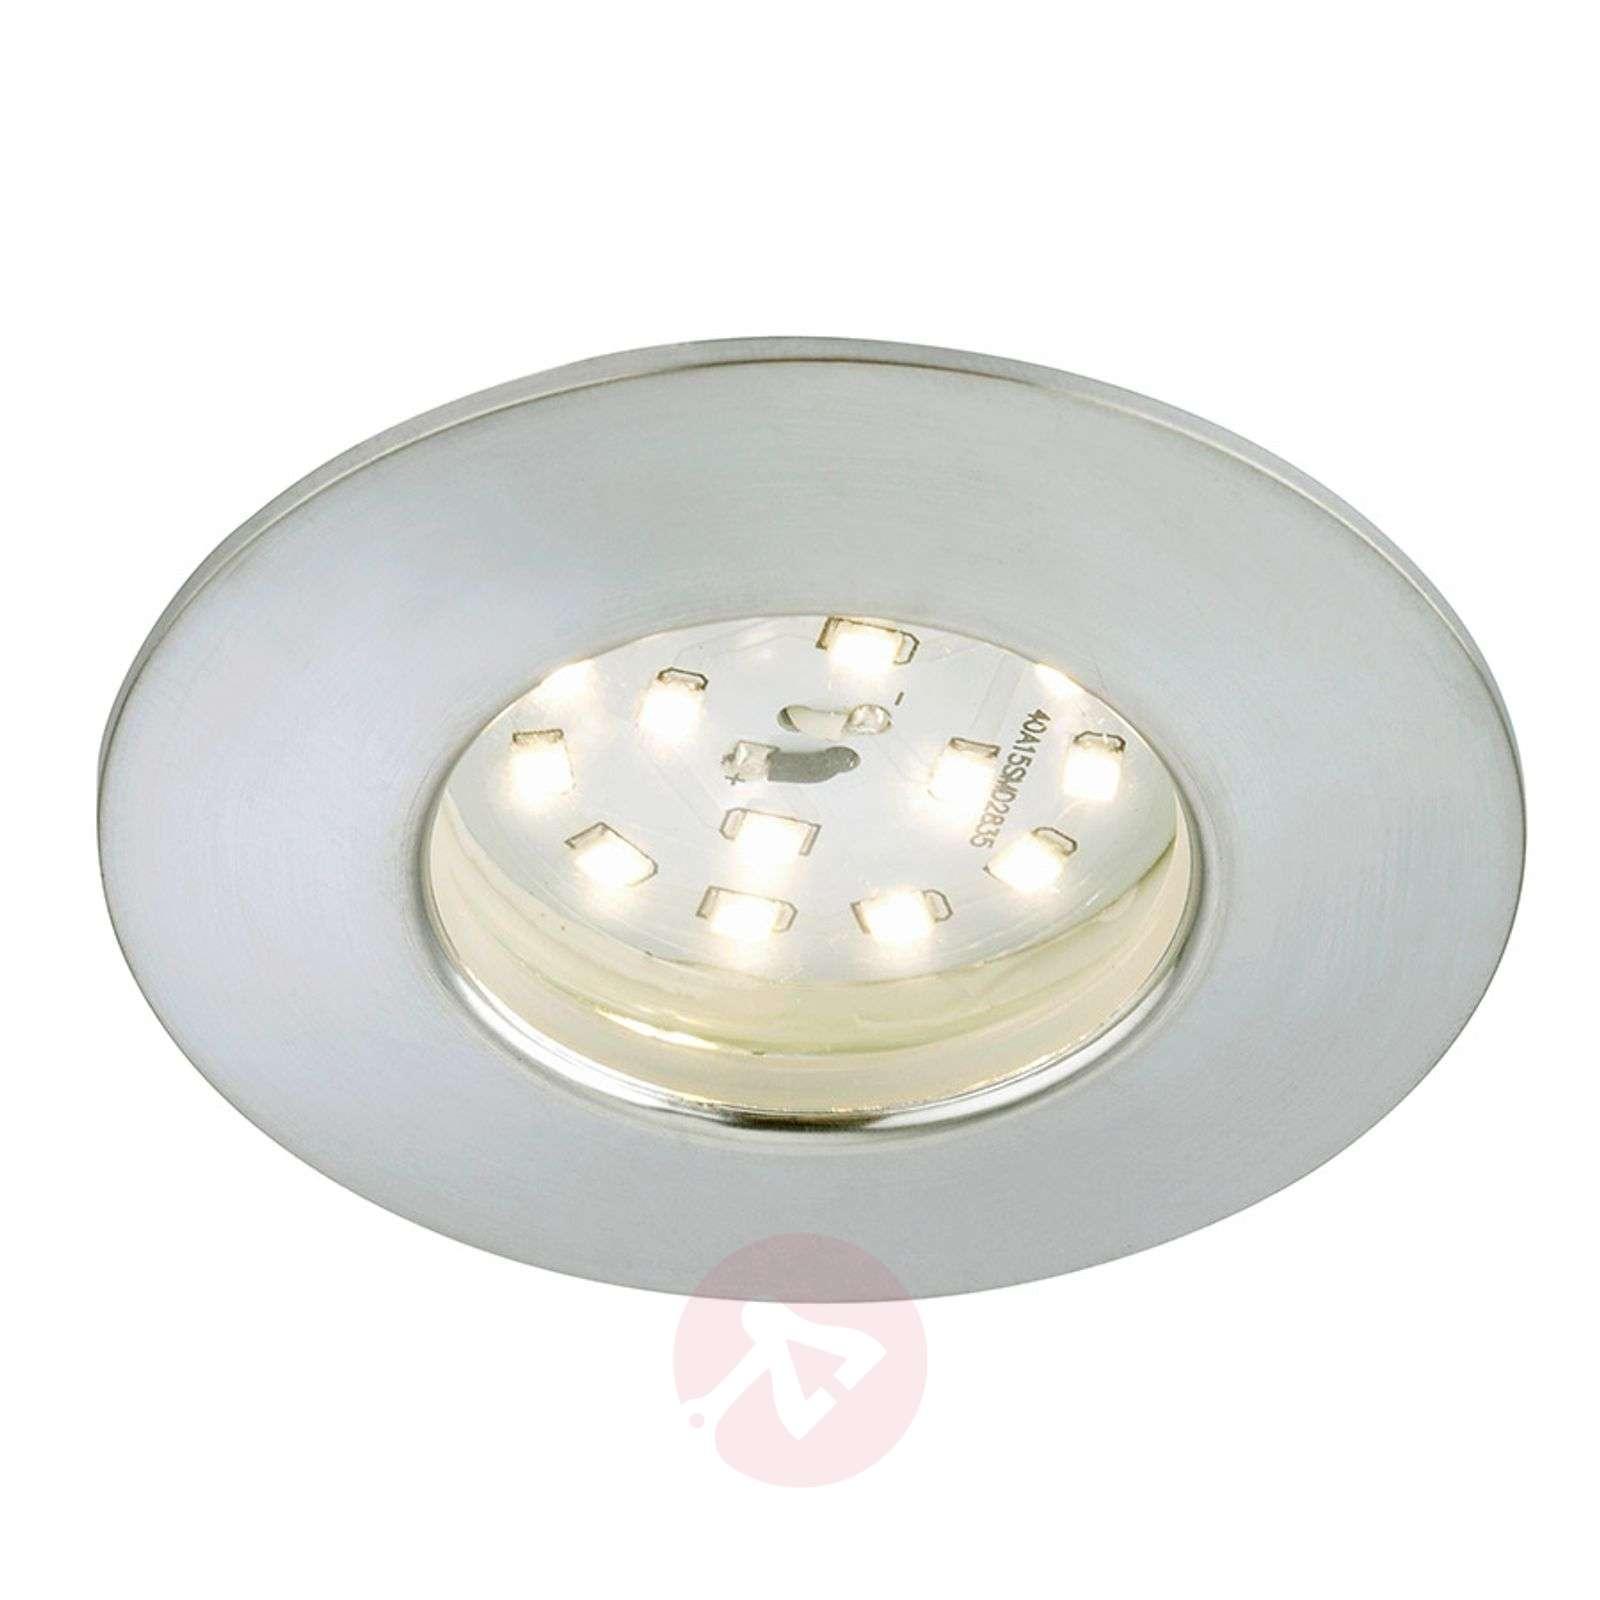 Alumiininvärinen Felia-LED-uppovalaisin, IP44-1510320-01